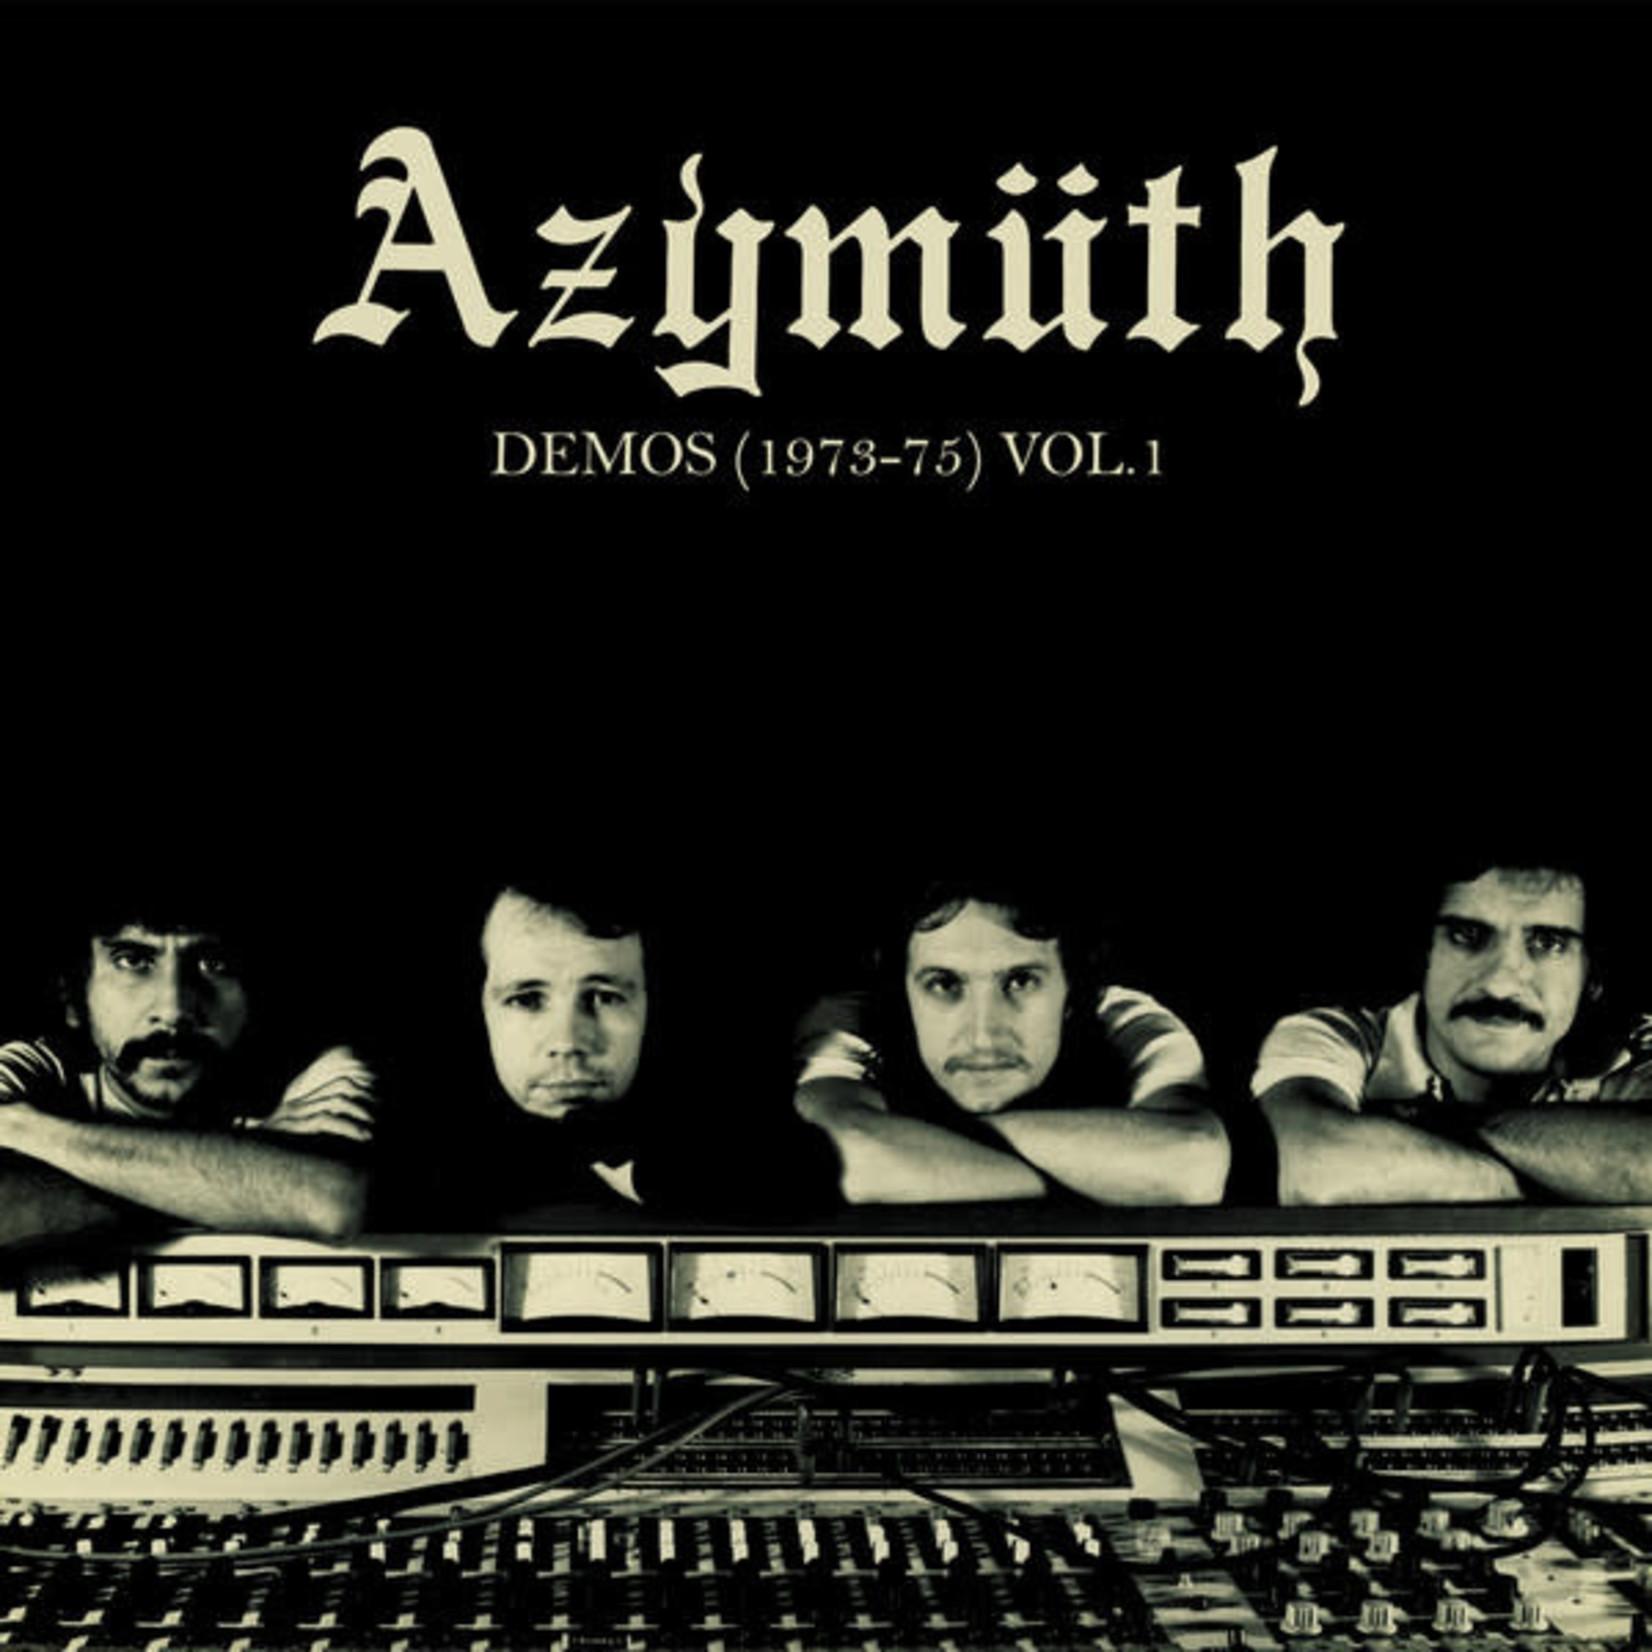 [New] Azymuth: Demos (1973-75) Vol. 1